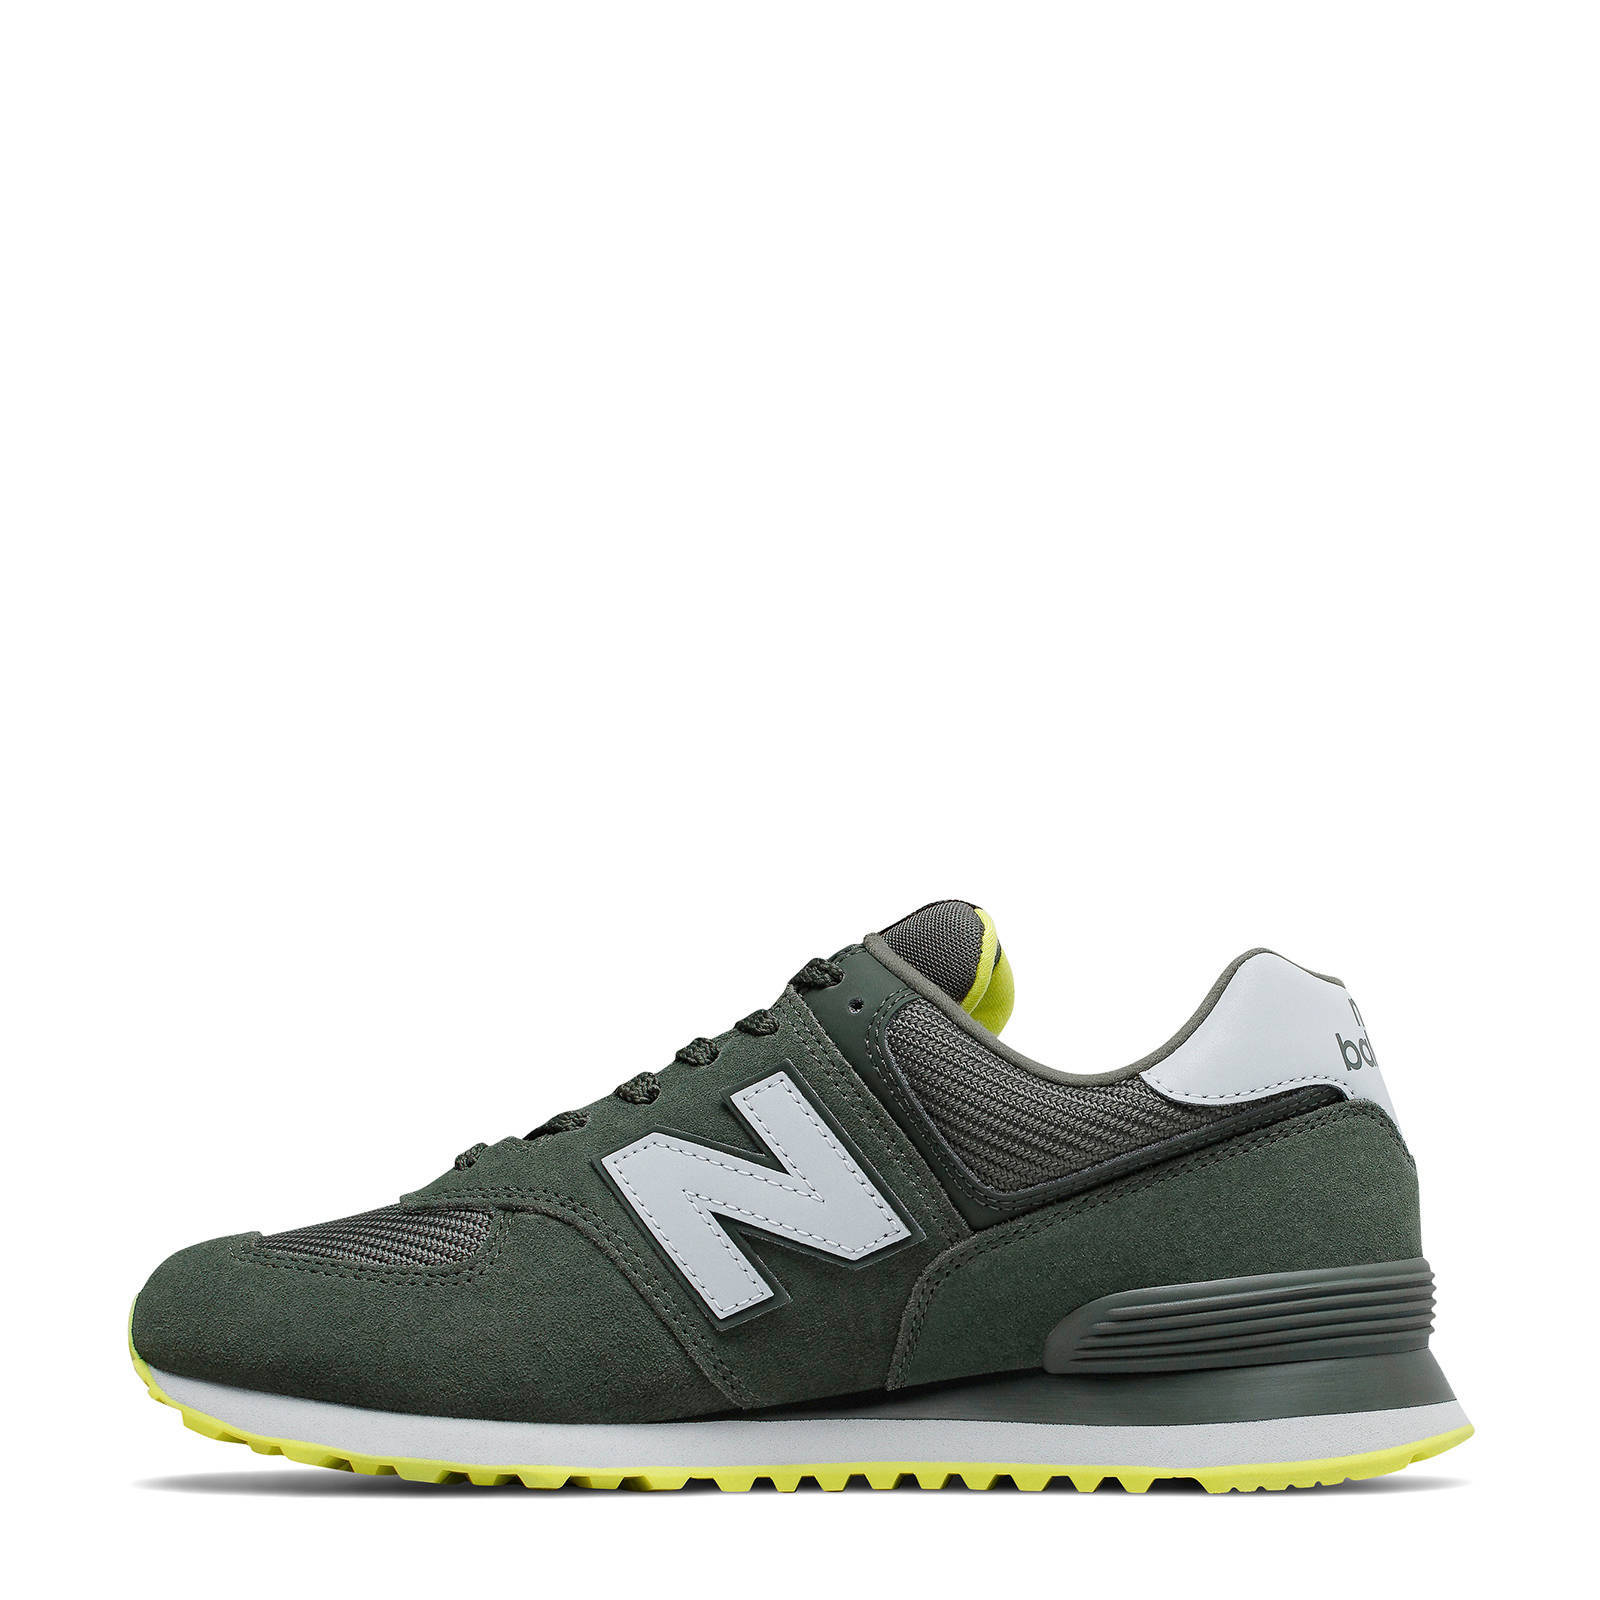 New Balance 574 sneakers groen/geel   wehkamp